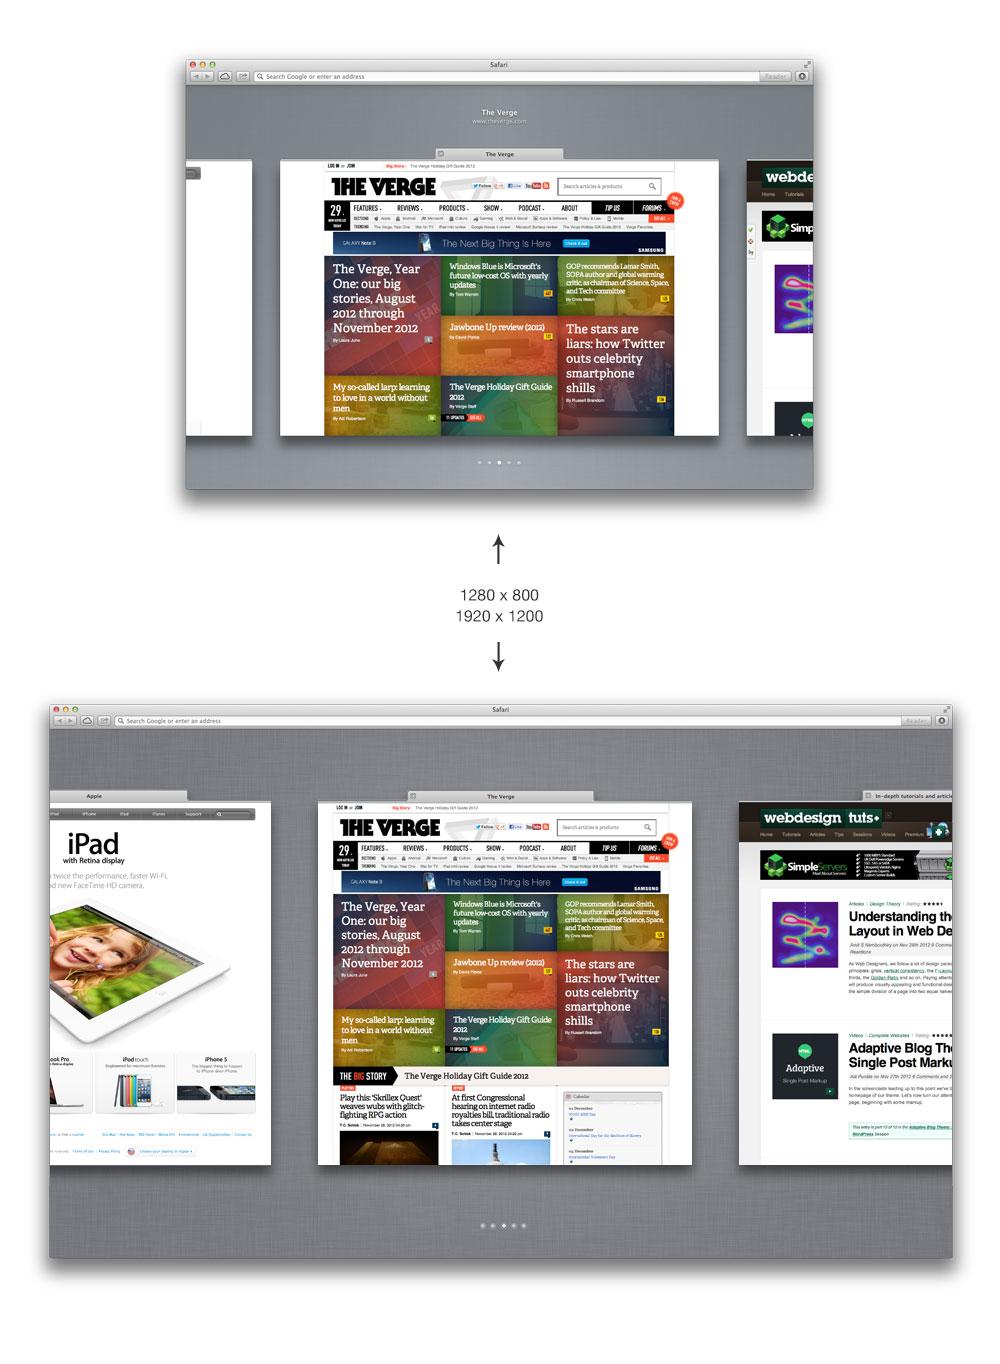 New design of Safari 6 tab preview